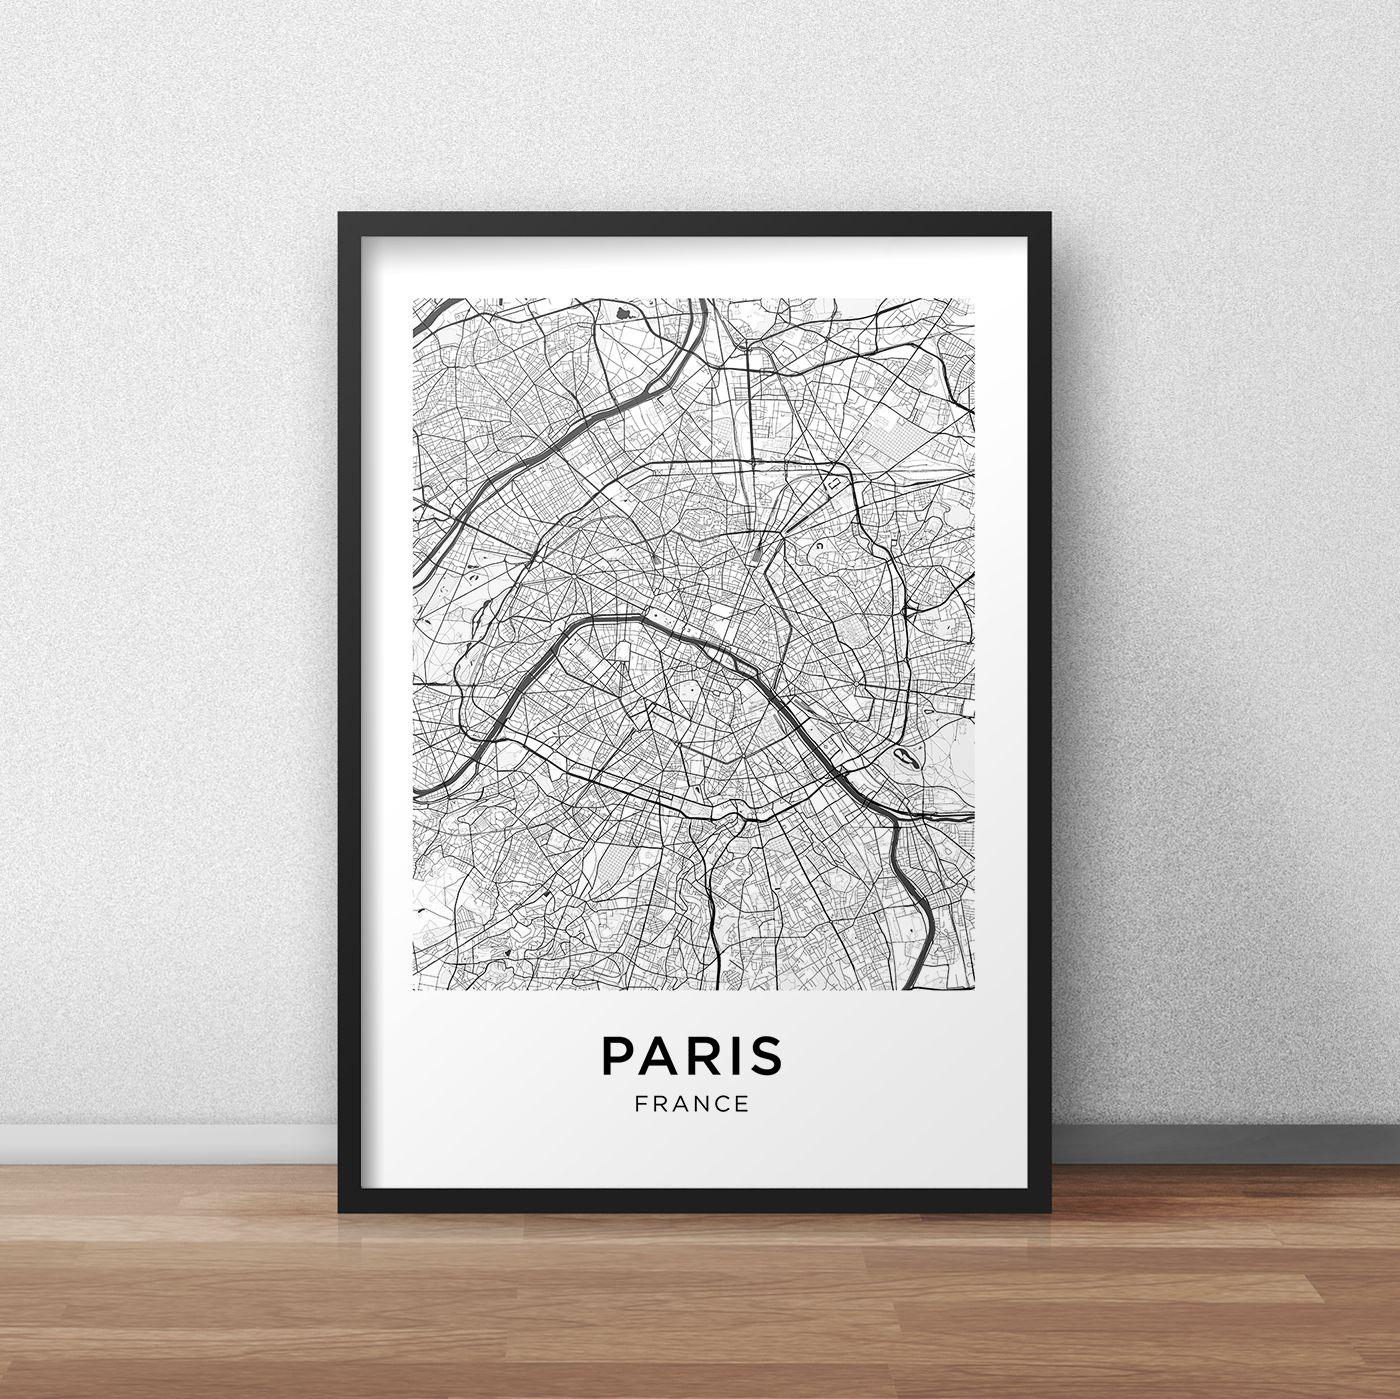 unframed 2072 Paris France Street Map art print